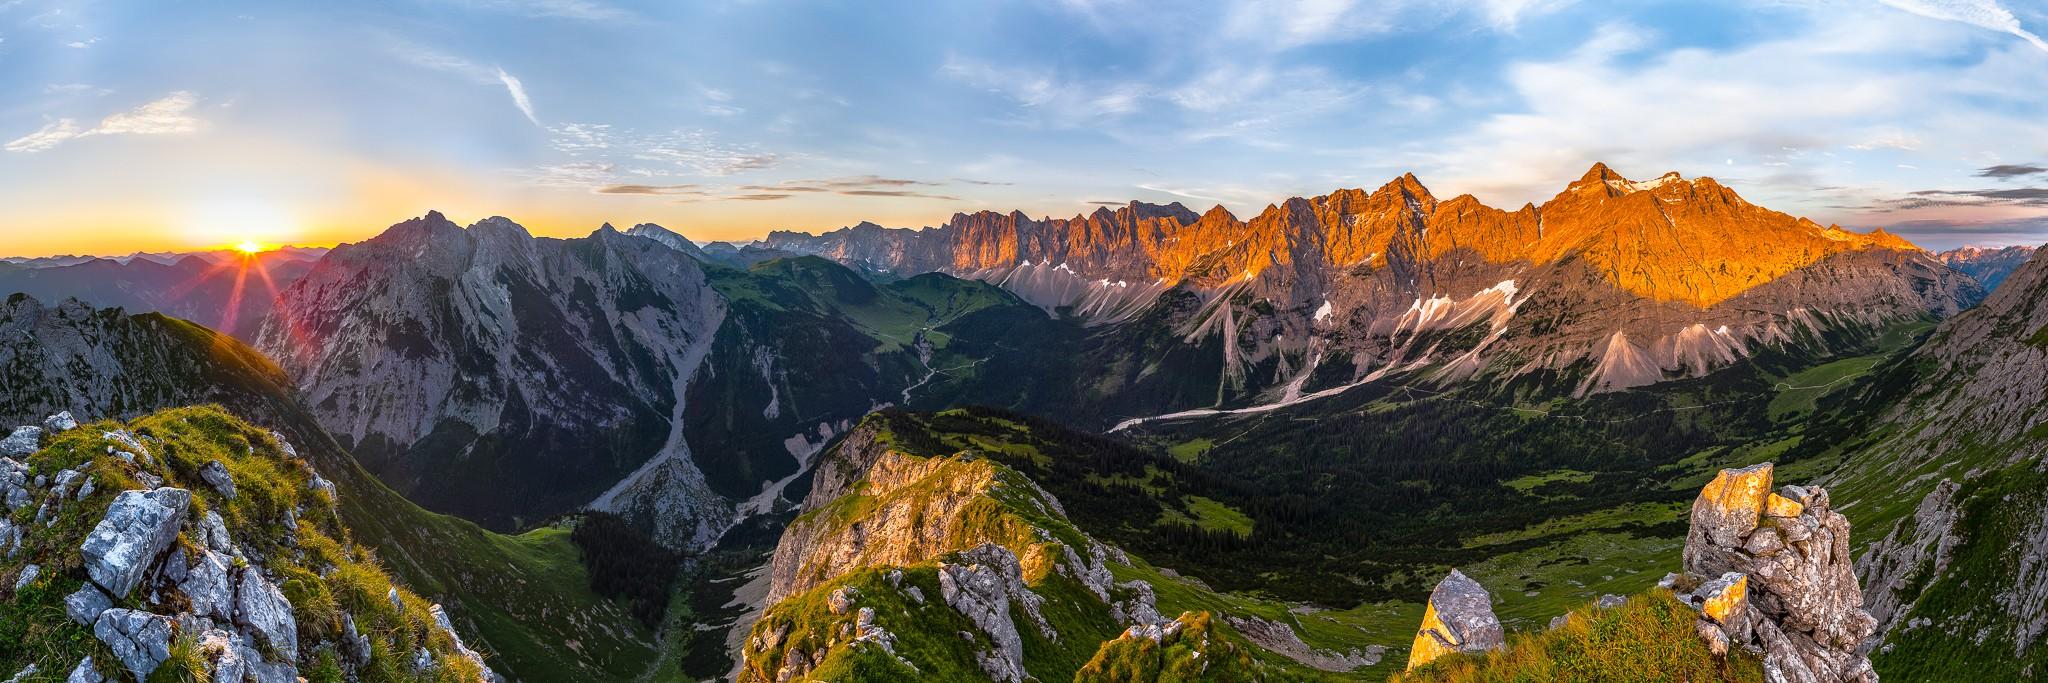 Bei Sonnenaufgang über dem Filzboden mit Blick auf den Karwendelhauptkamm und das Johannistal. Rechts die Birkarspitze, mittig sieht man zur Falkenhütte.